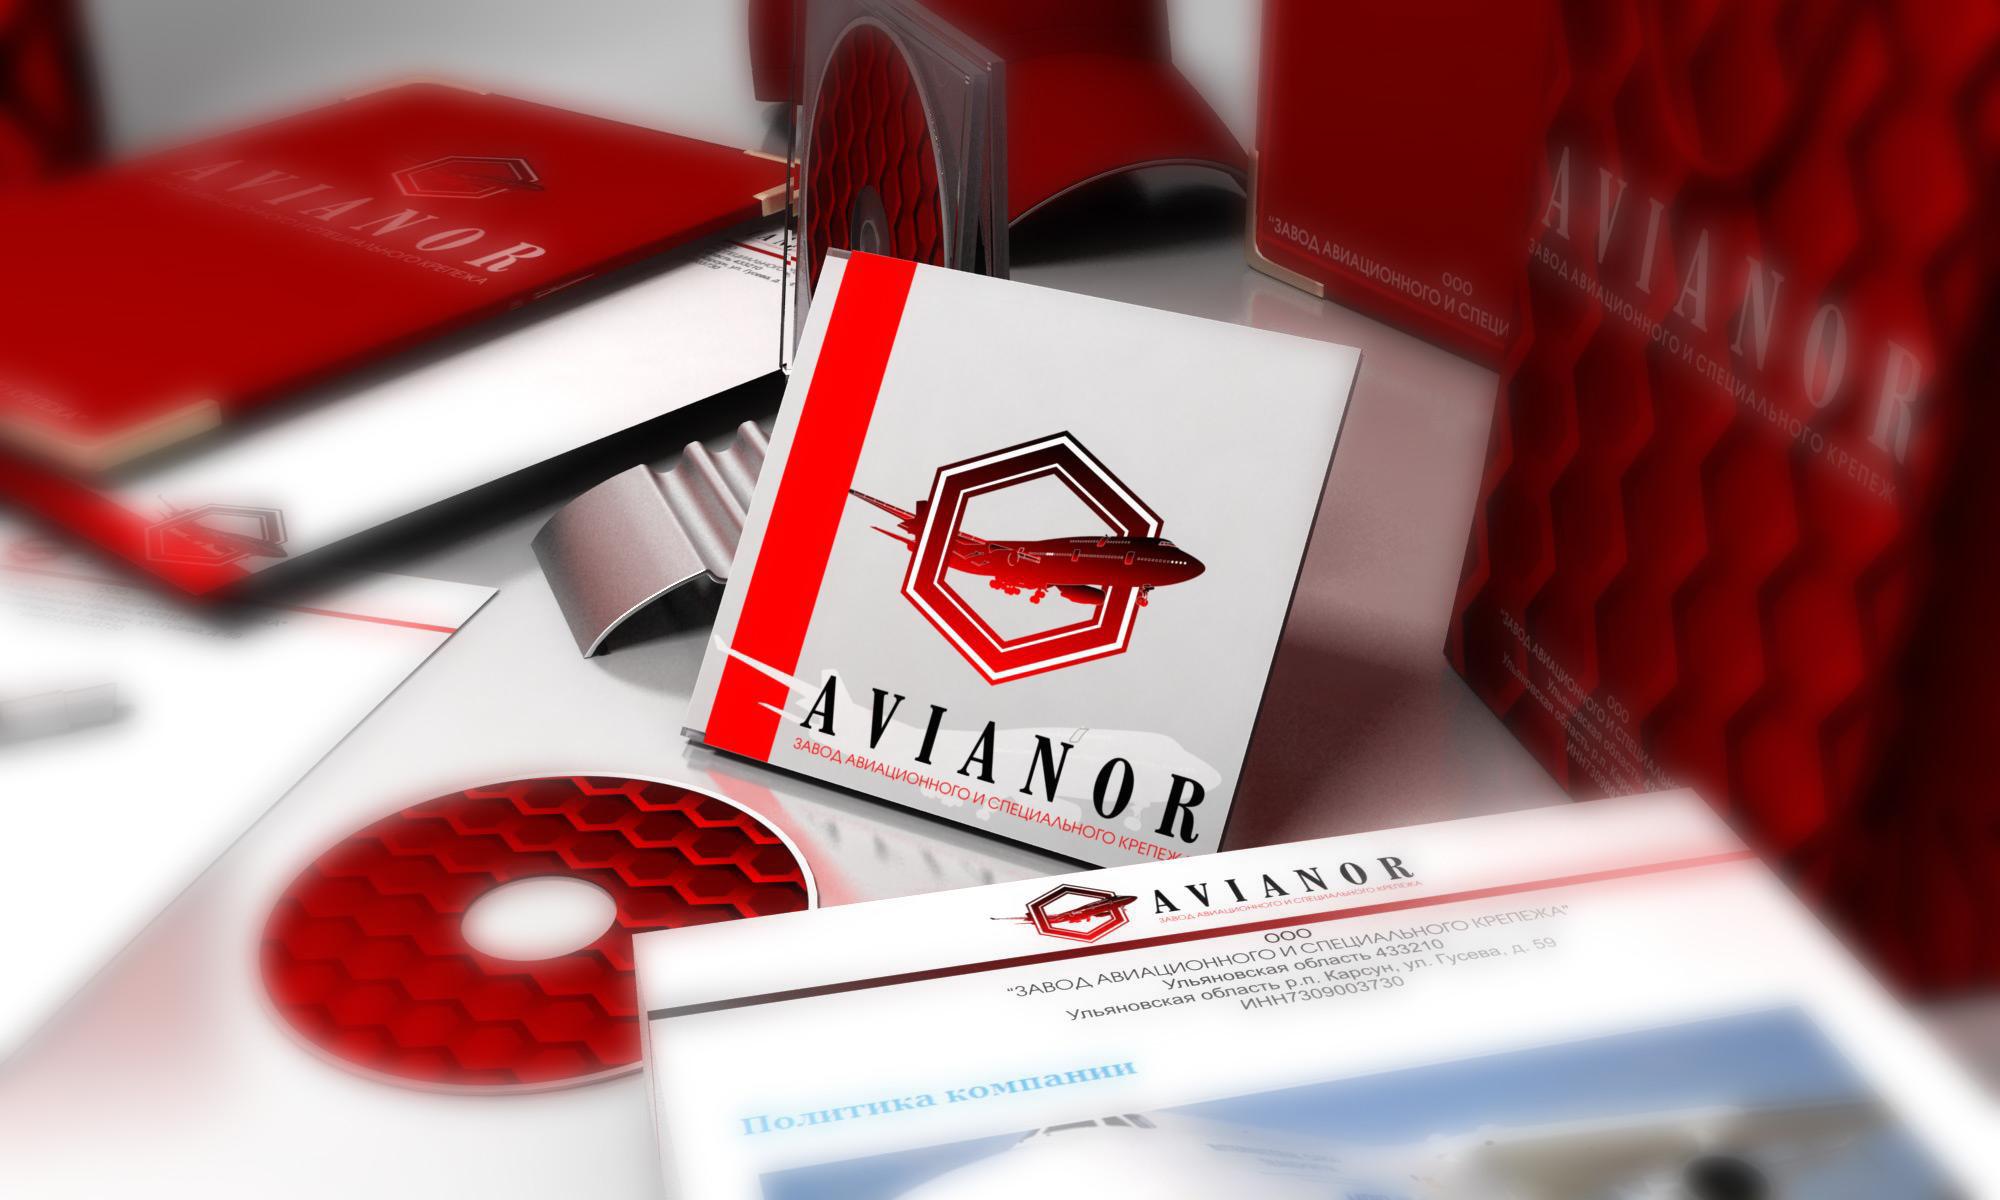 Нужен логотип и фирменный стиль для завода фото f_133529881d66d066.jpg